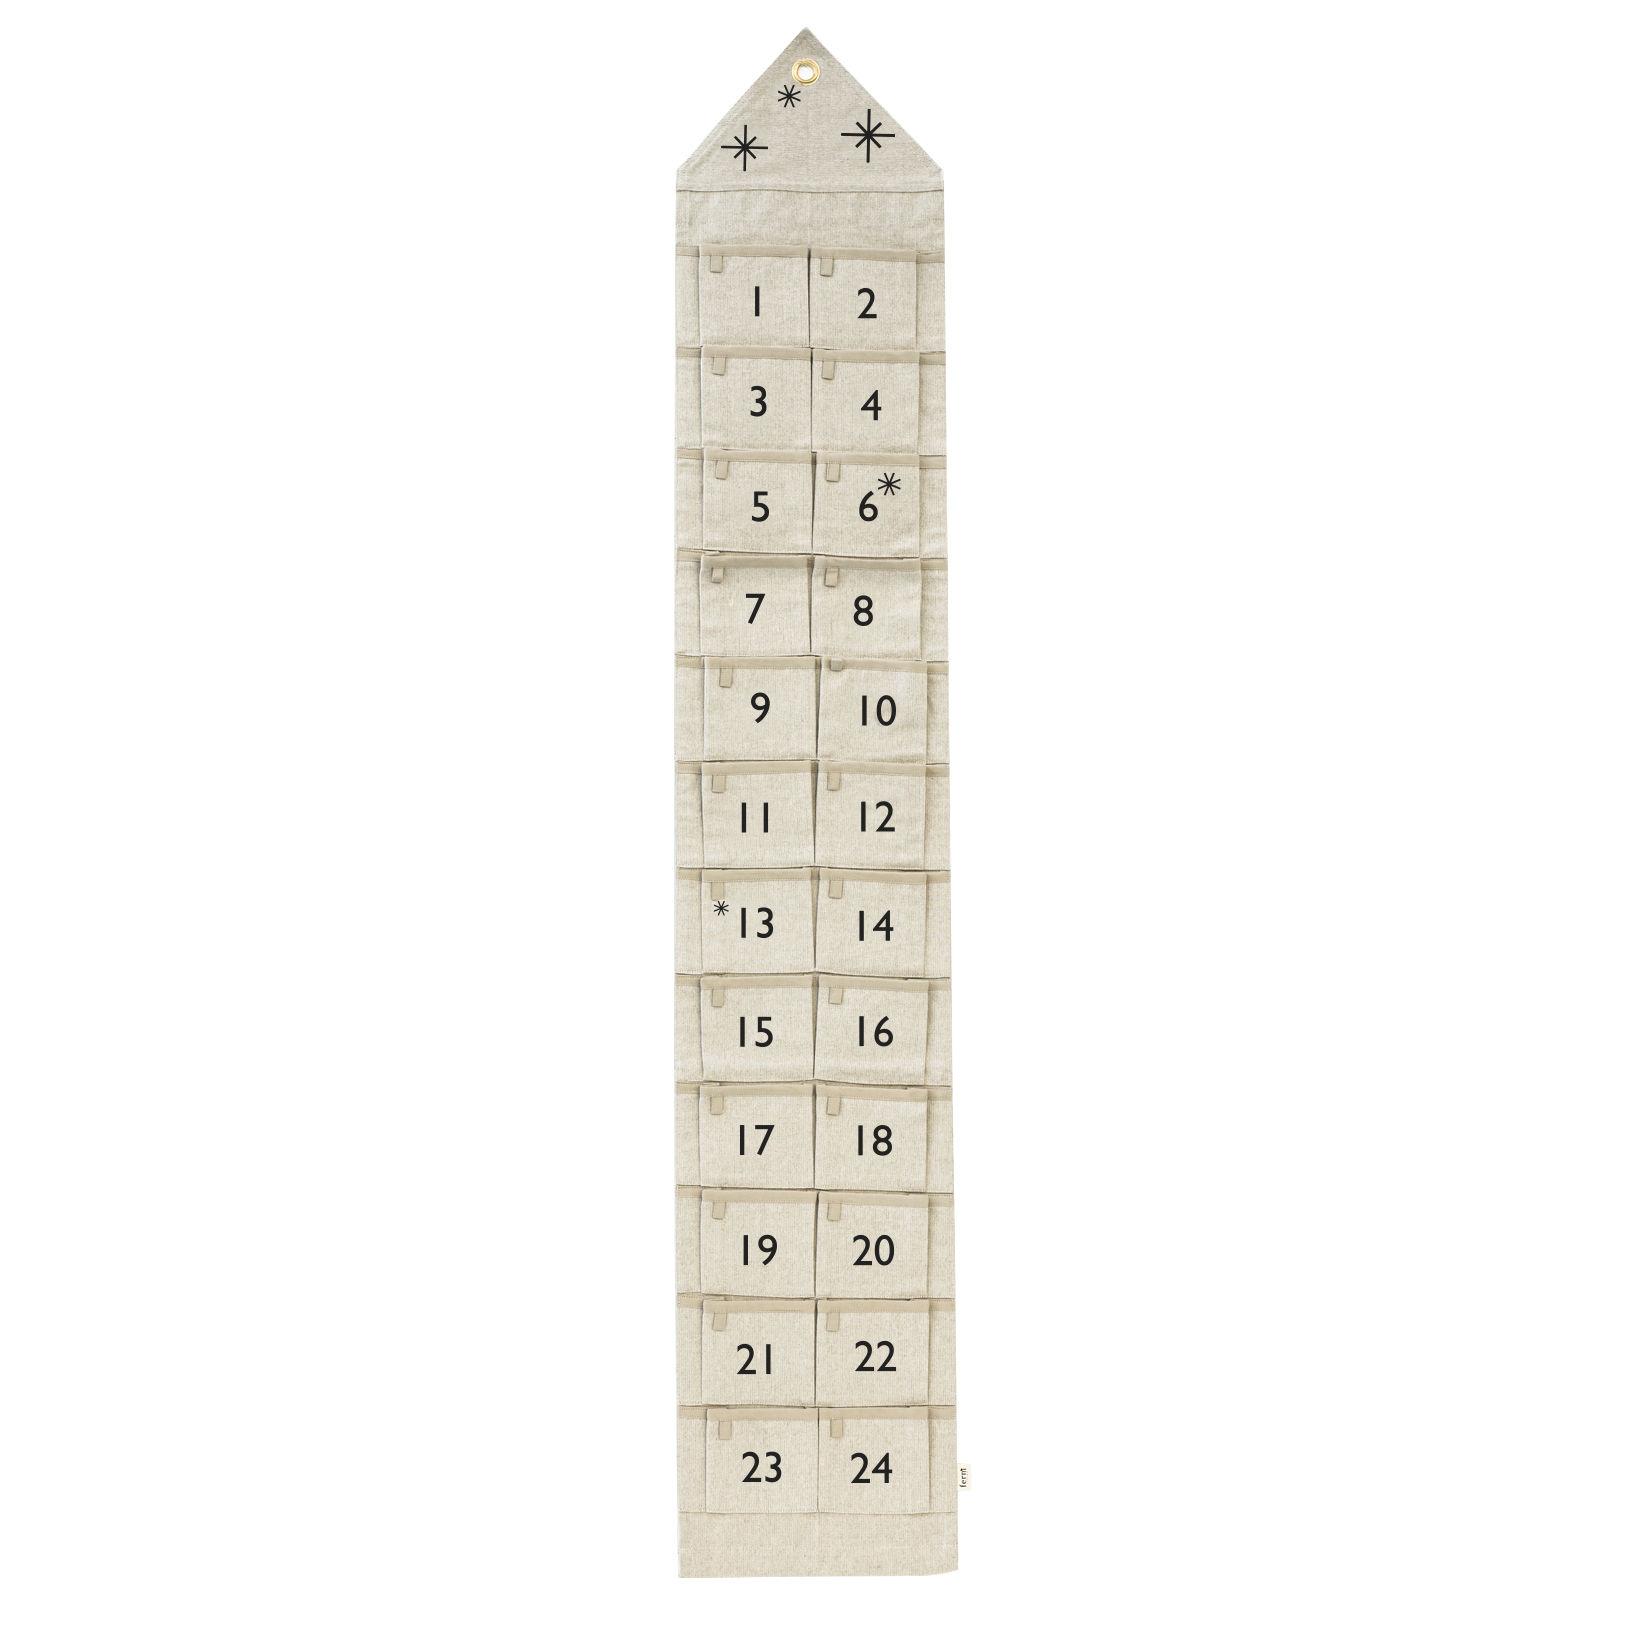 Déco - Mémos, ardoises & calendriers - Calendrier de l'avent Star / Tissu - 24 jours / L 25 x H 150 cm - Ferm Living - Sable - Coton